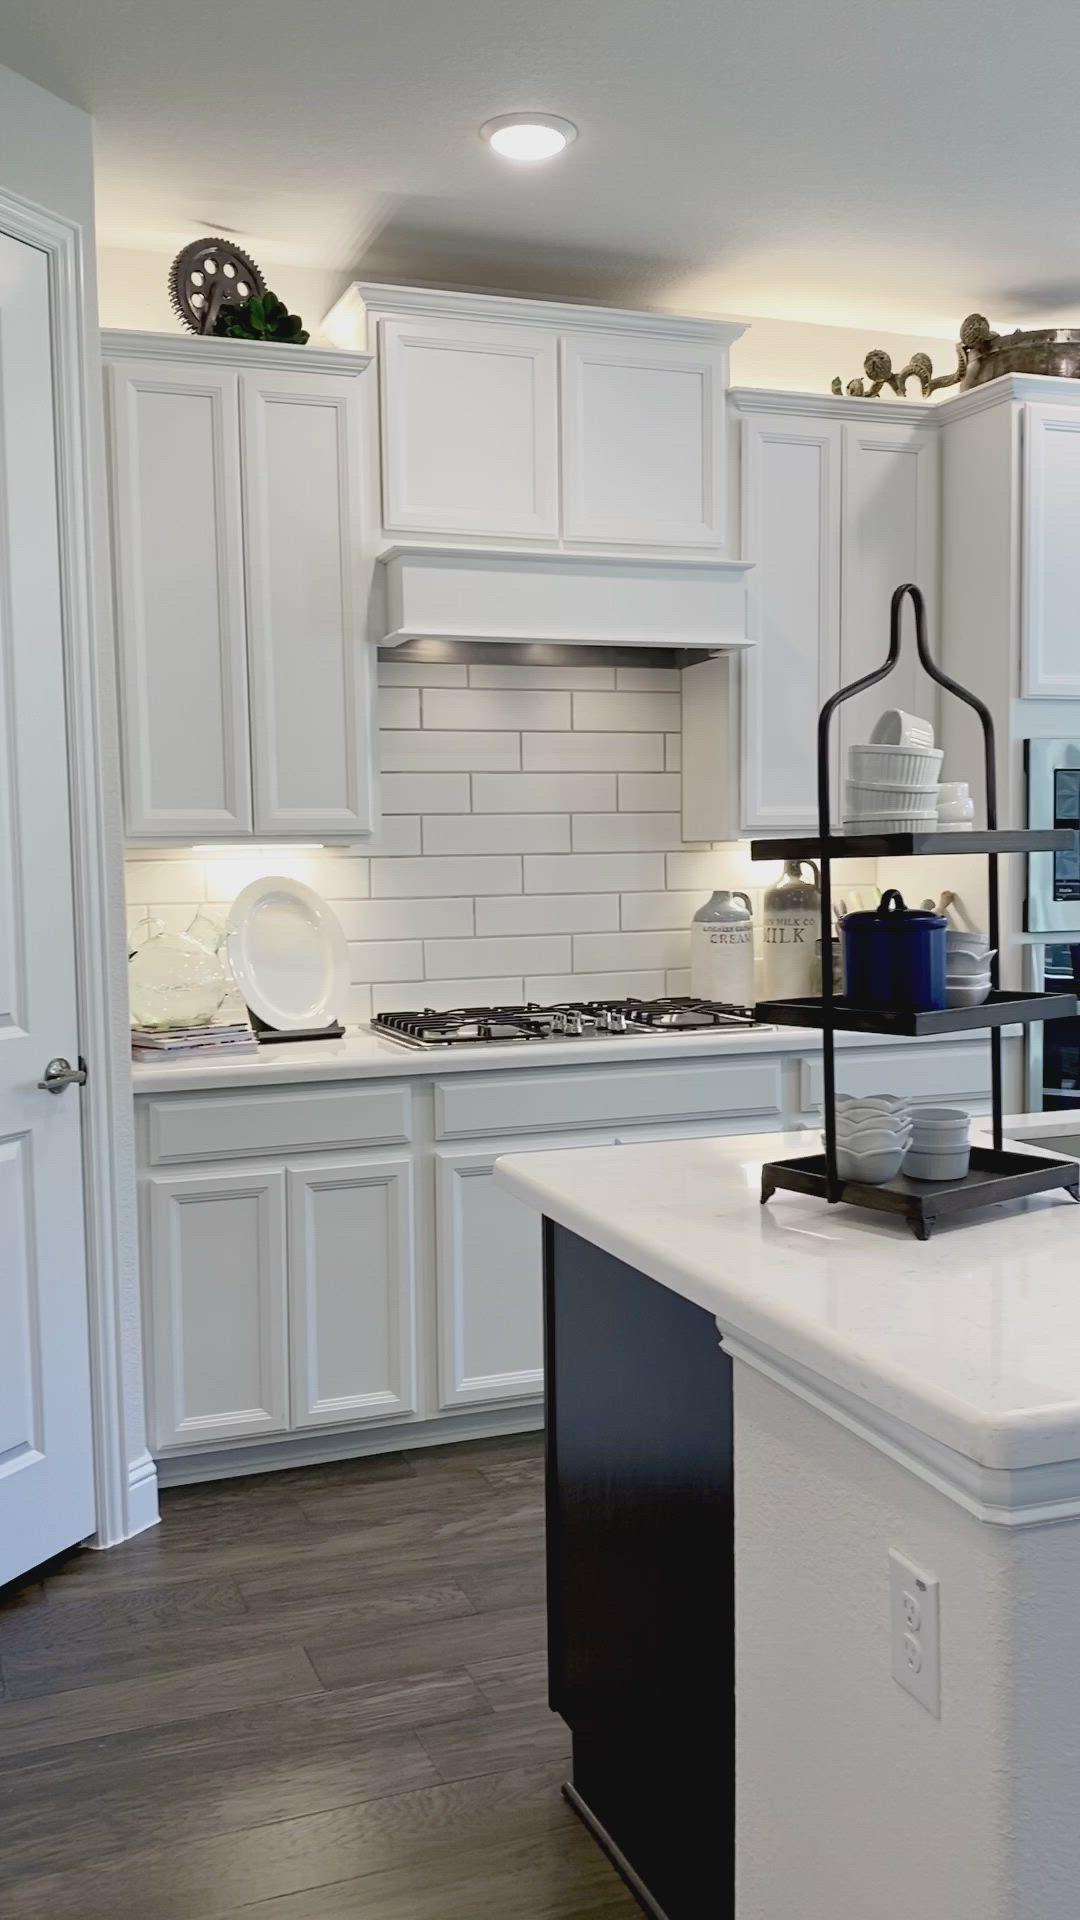 9 White Kitchens ideas   kitchen design, kitchen remodel, white ...